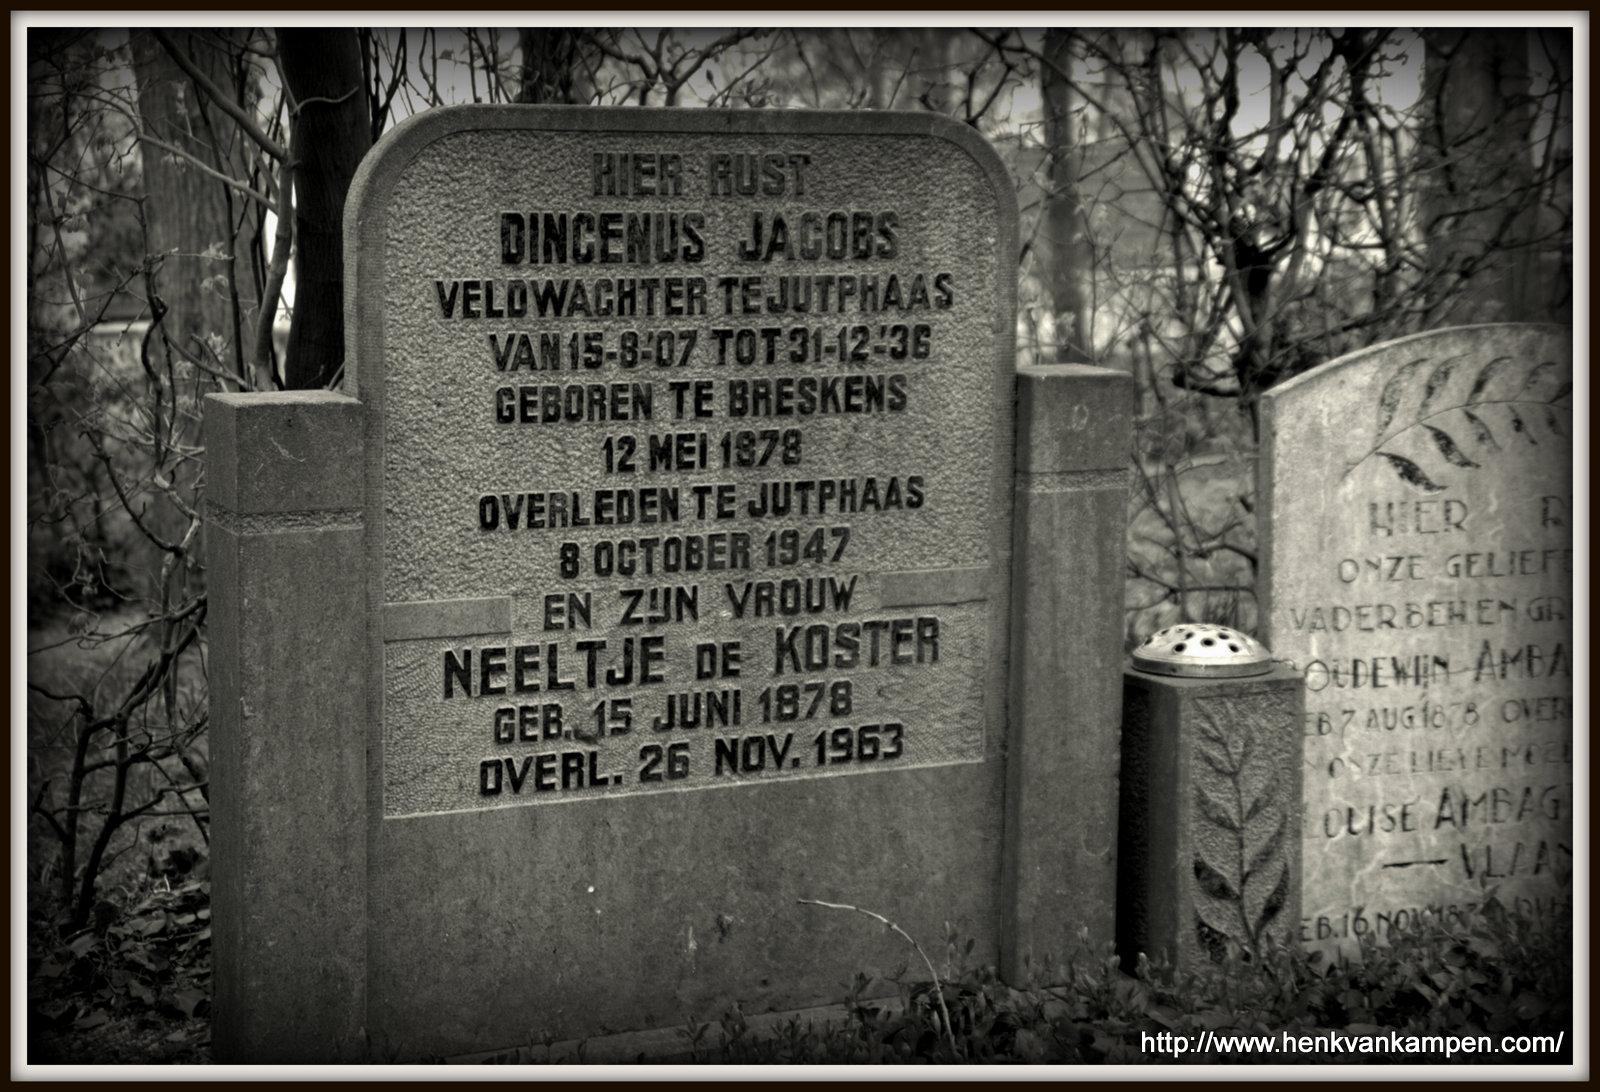 Tombstone of Dingenus Jacobs, Kerkveld cemetery, Jutphaas